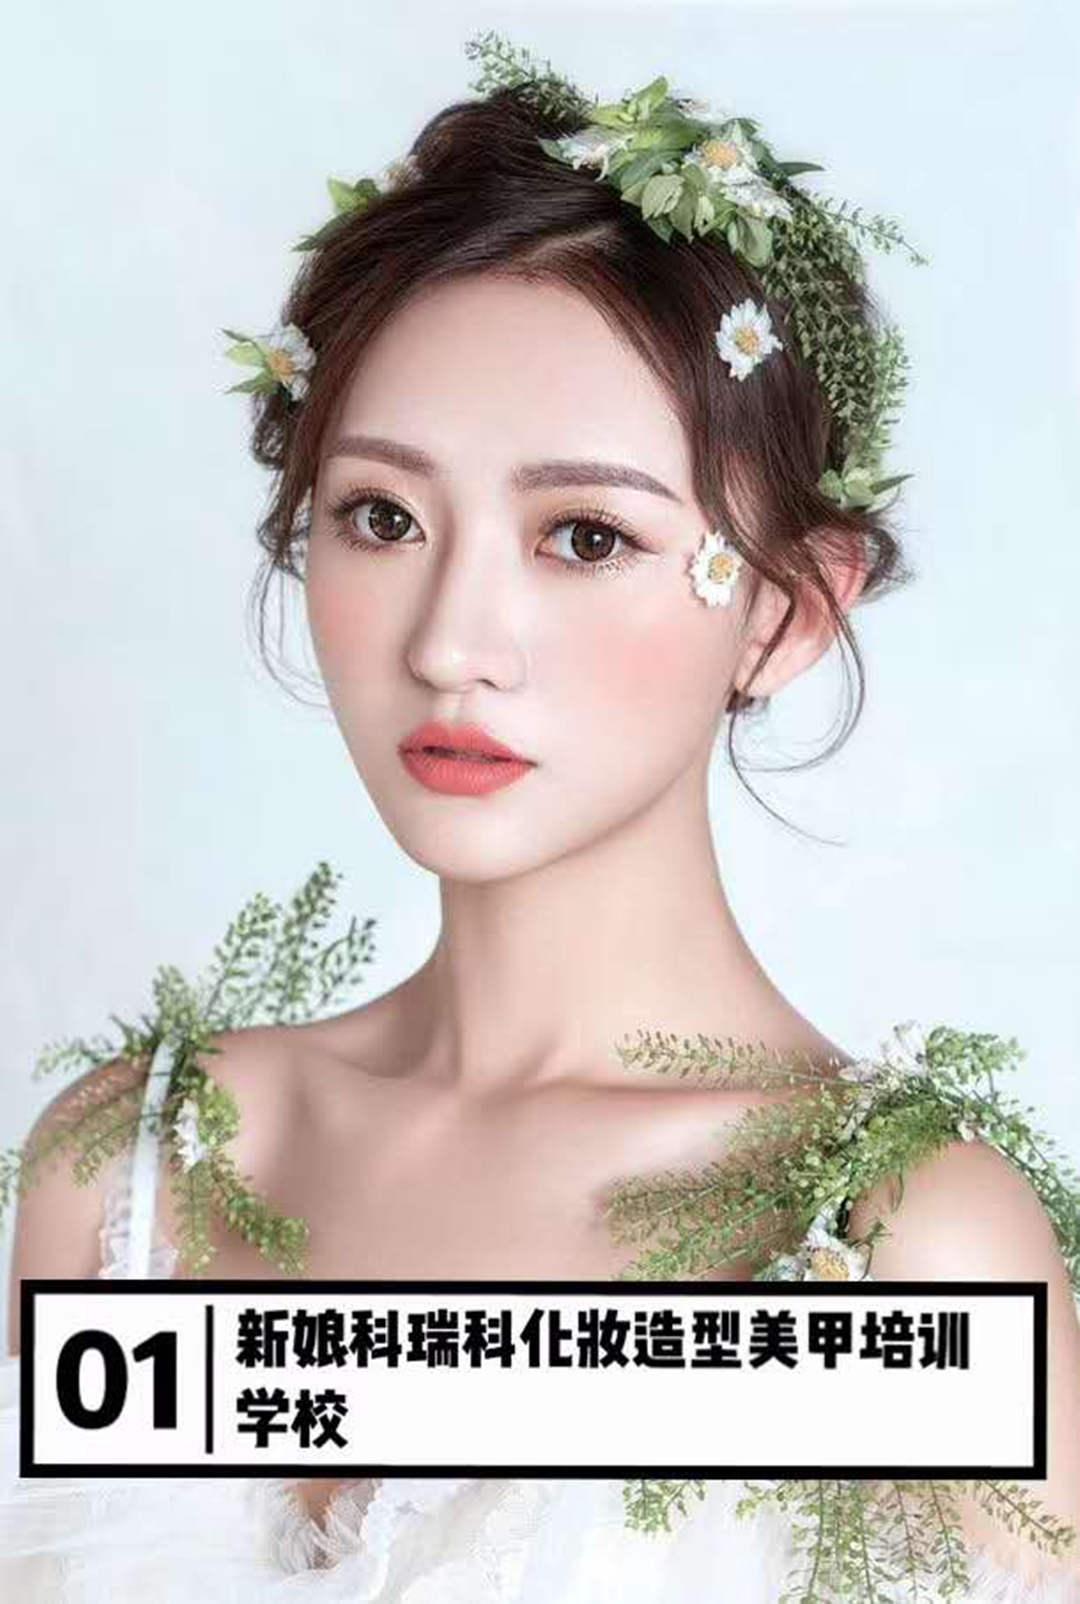 昌吉口碑好化妆培训有哪些 服务至上 新疆科瑞科文化传媒亚博娱乐是正规的吗--任意三数字加yabo.com直达官网